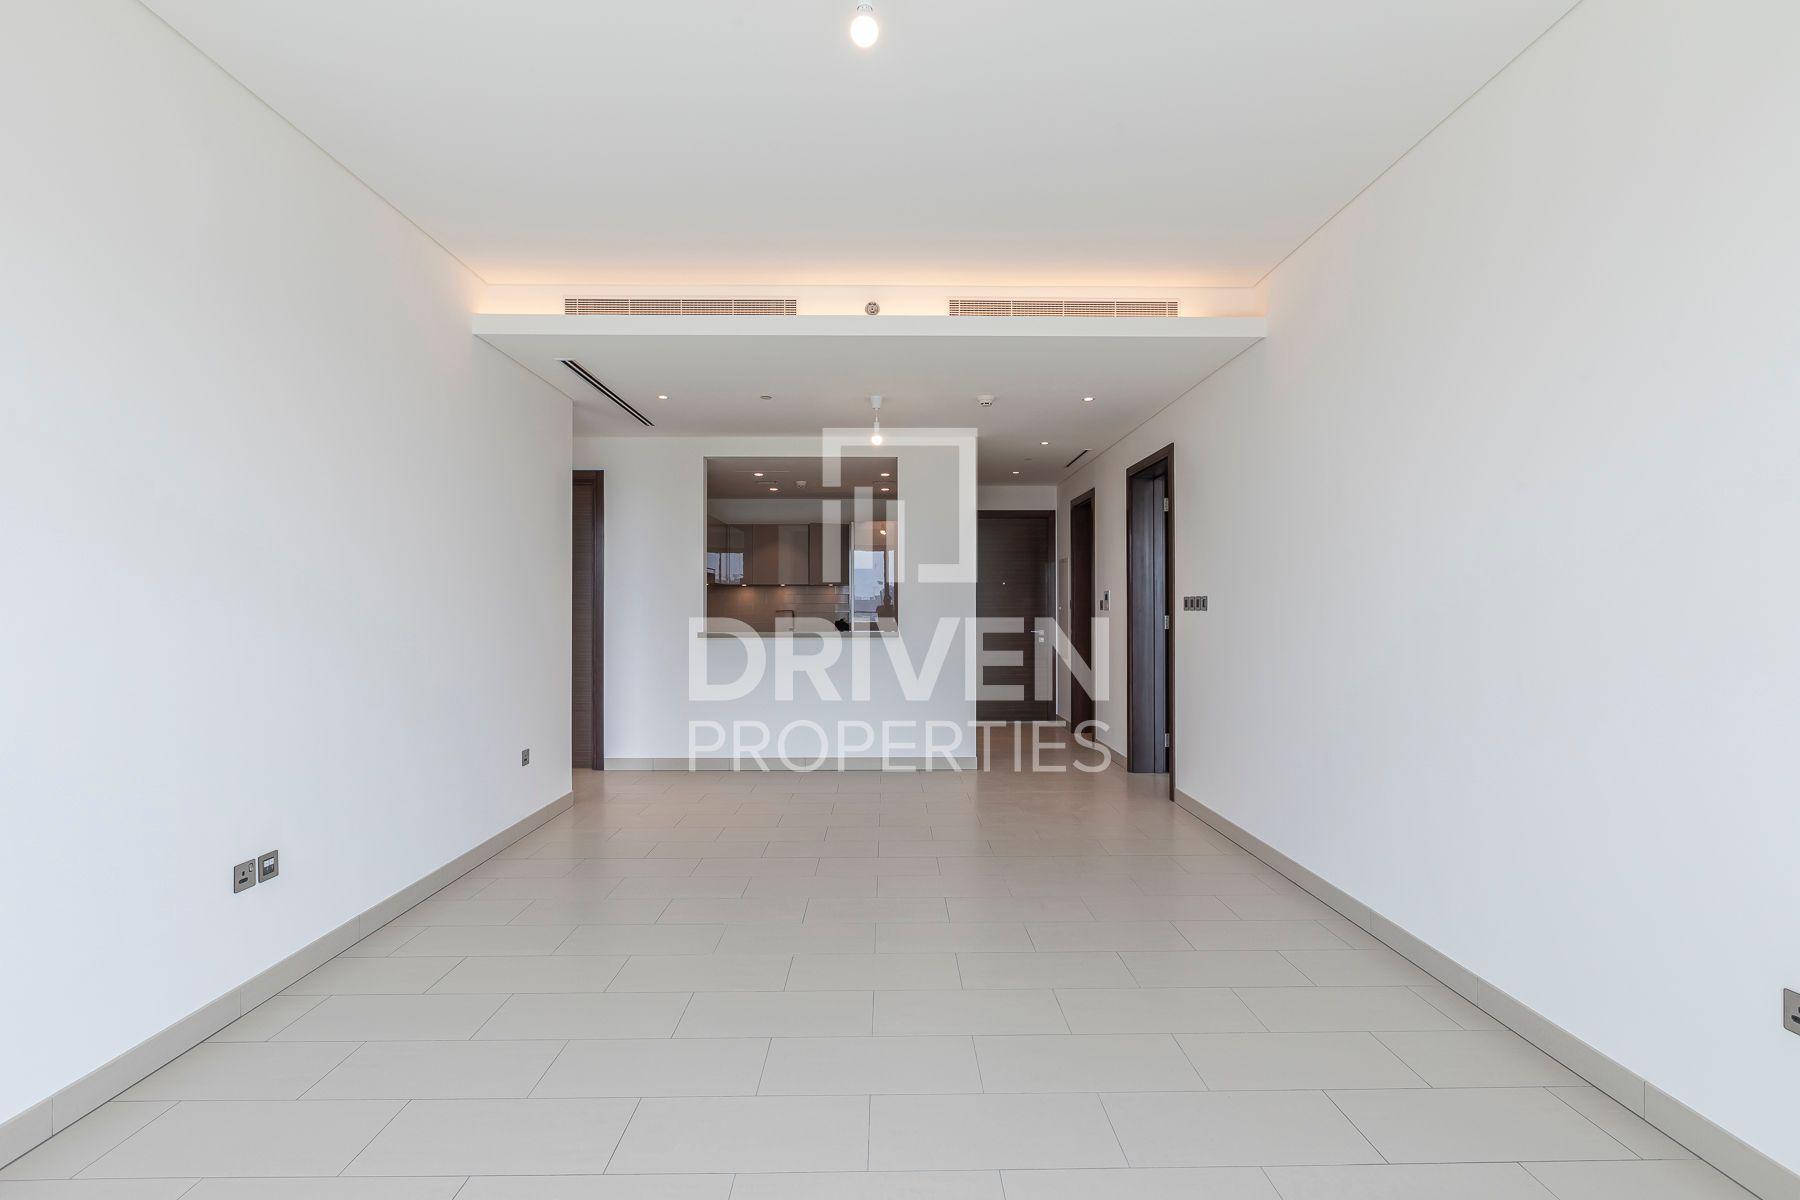 1,192 قدم مربع  شقة - للبيع - مدينة الشيخ محمد بن راشد